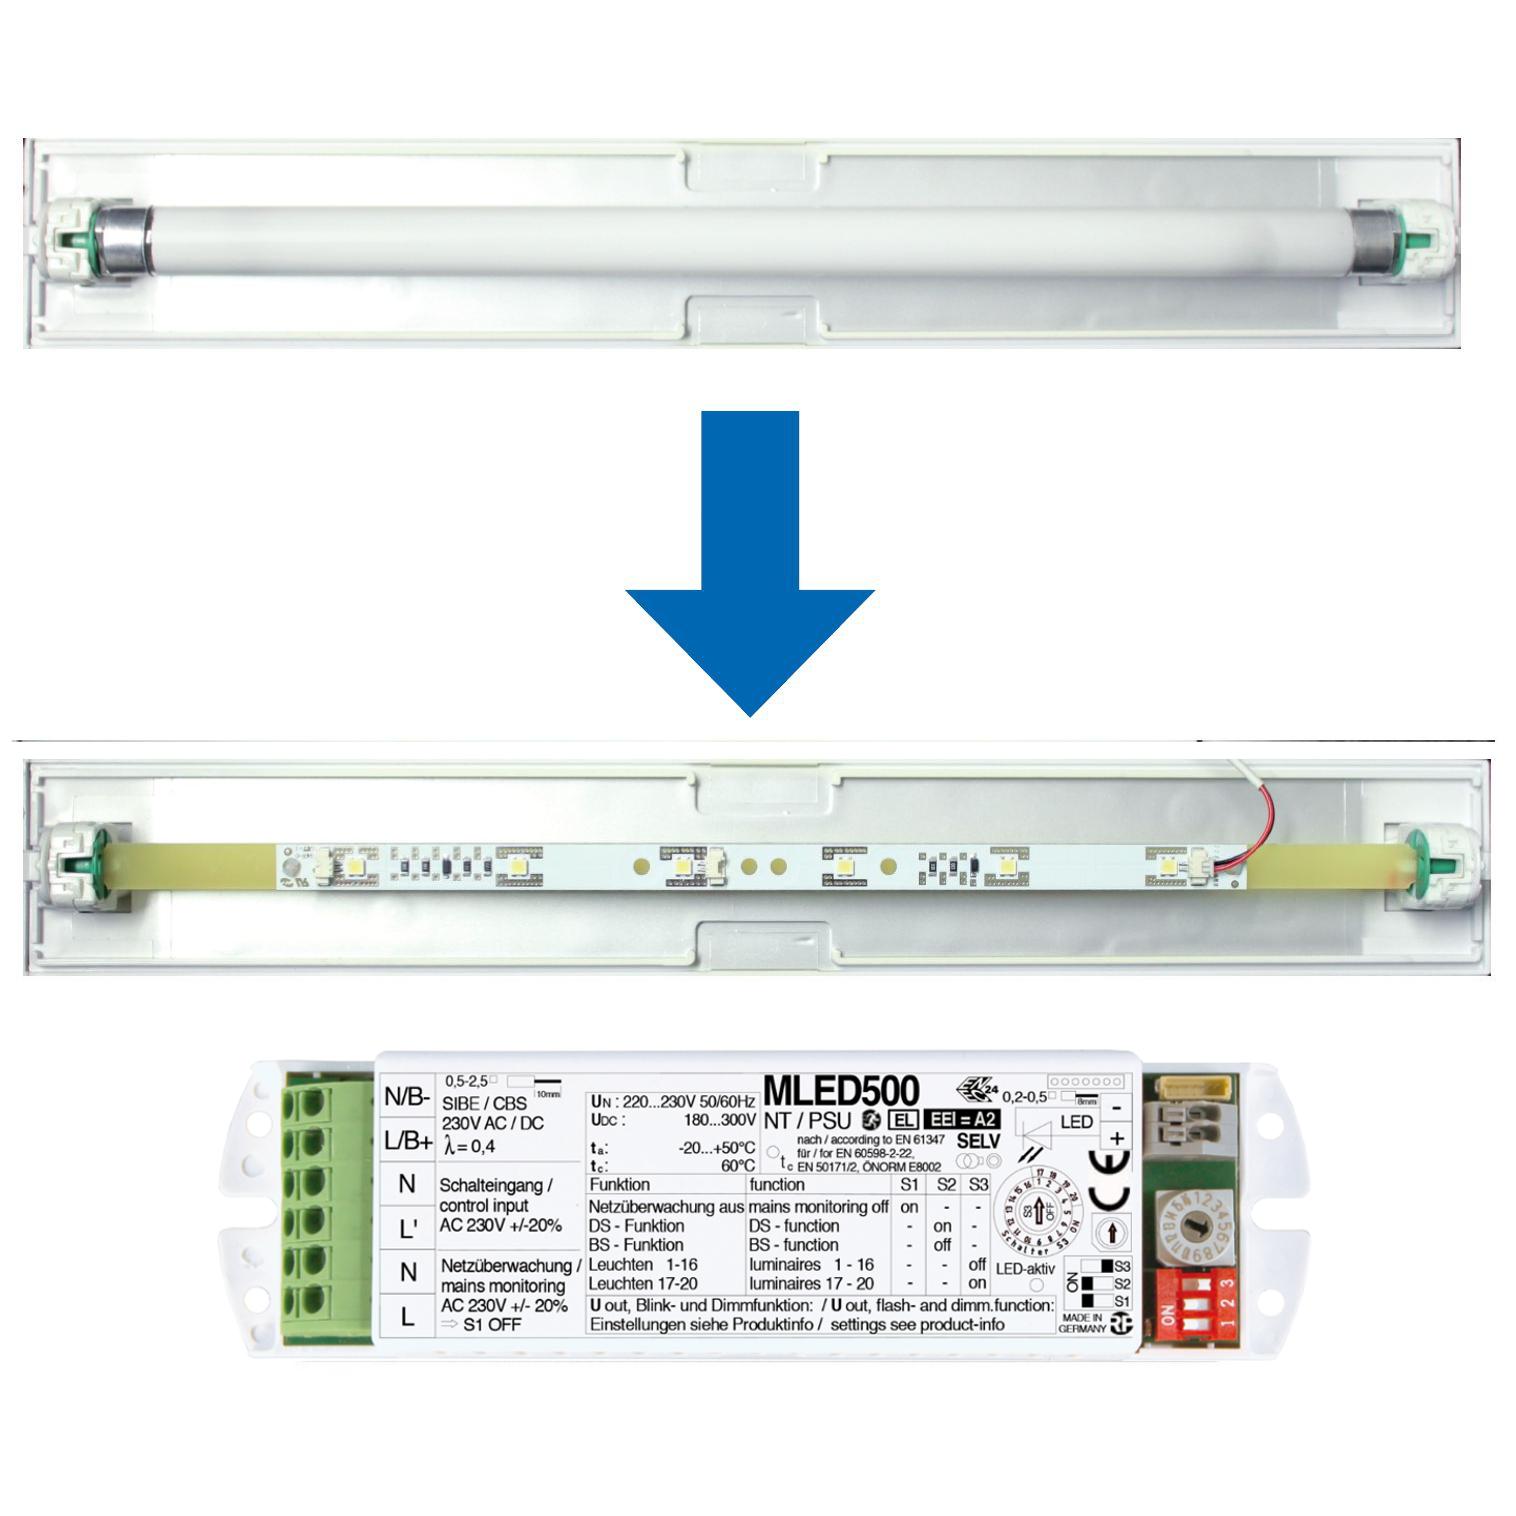 Umrüstset 6x05W HP-LED Strip + MLED400 + Träger